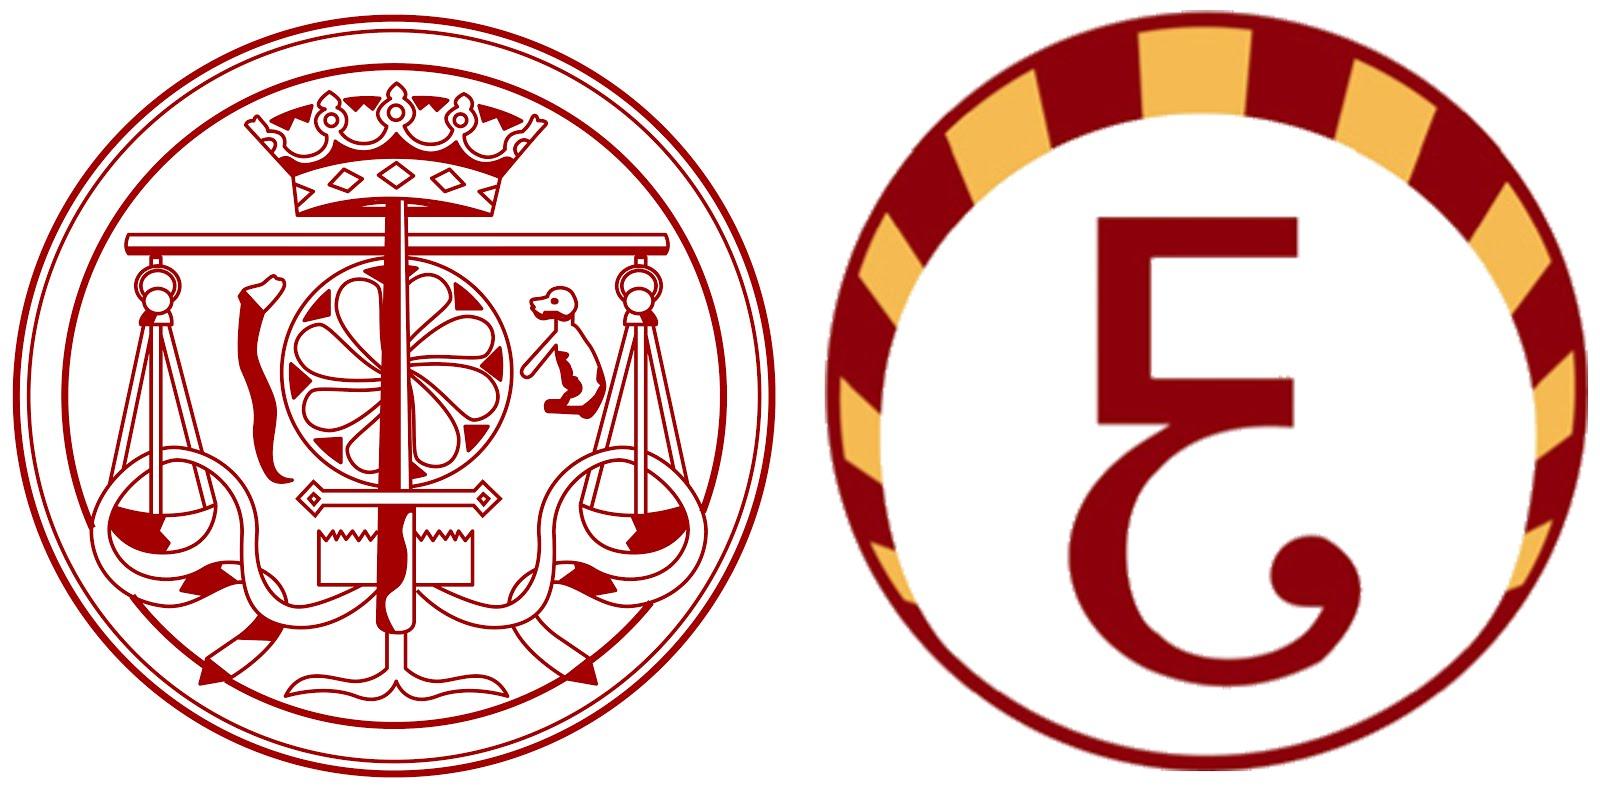 Directorio del profesorado de la Facultad de Derecho. Universidad de Córdoba: